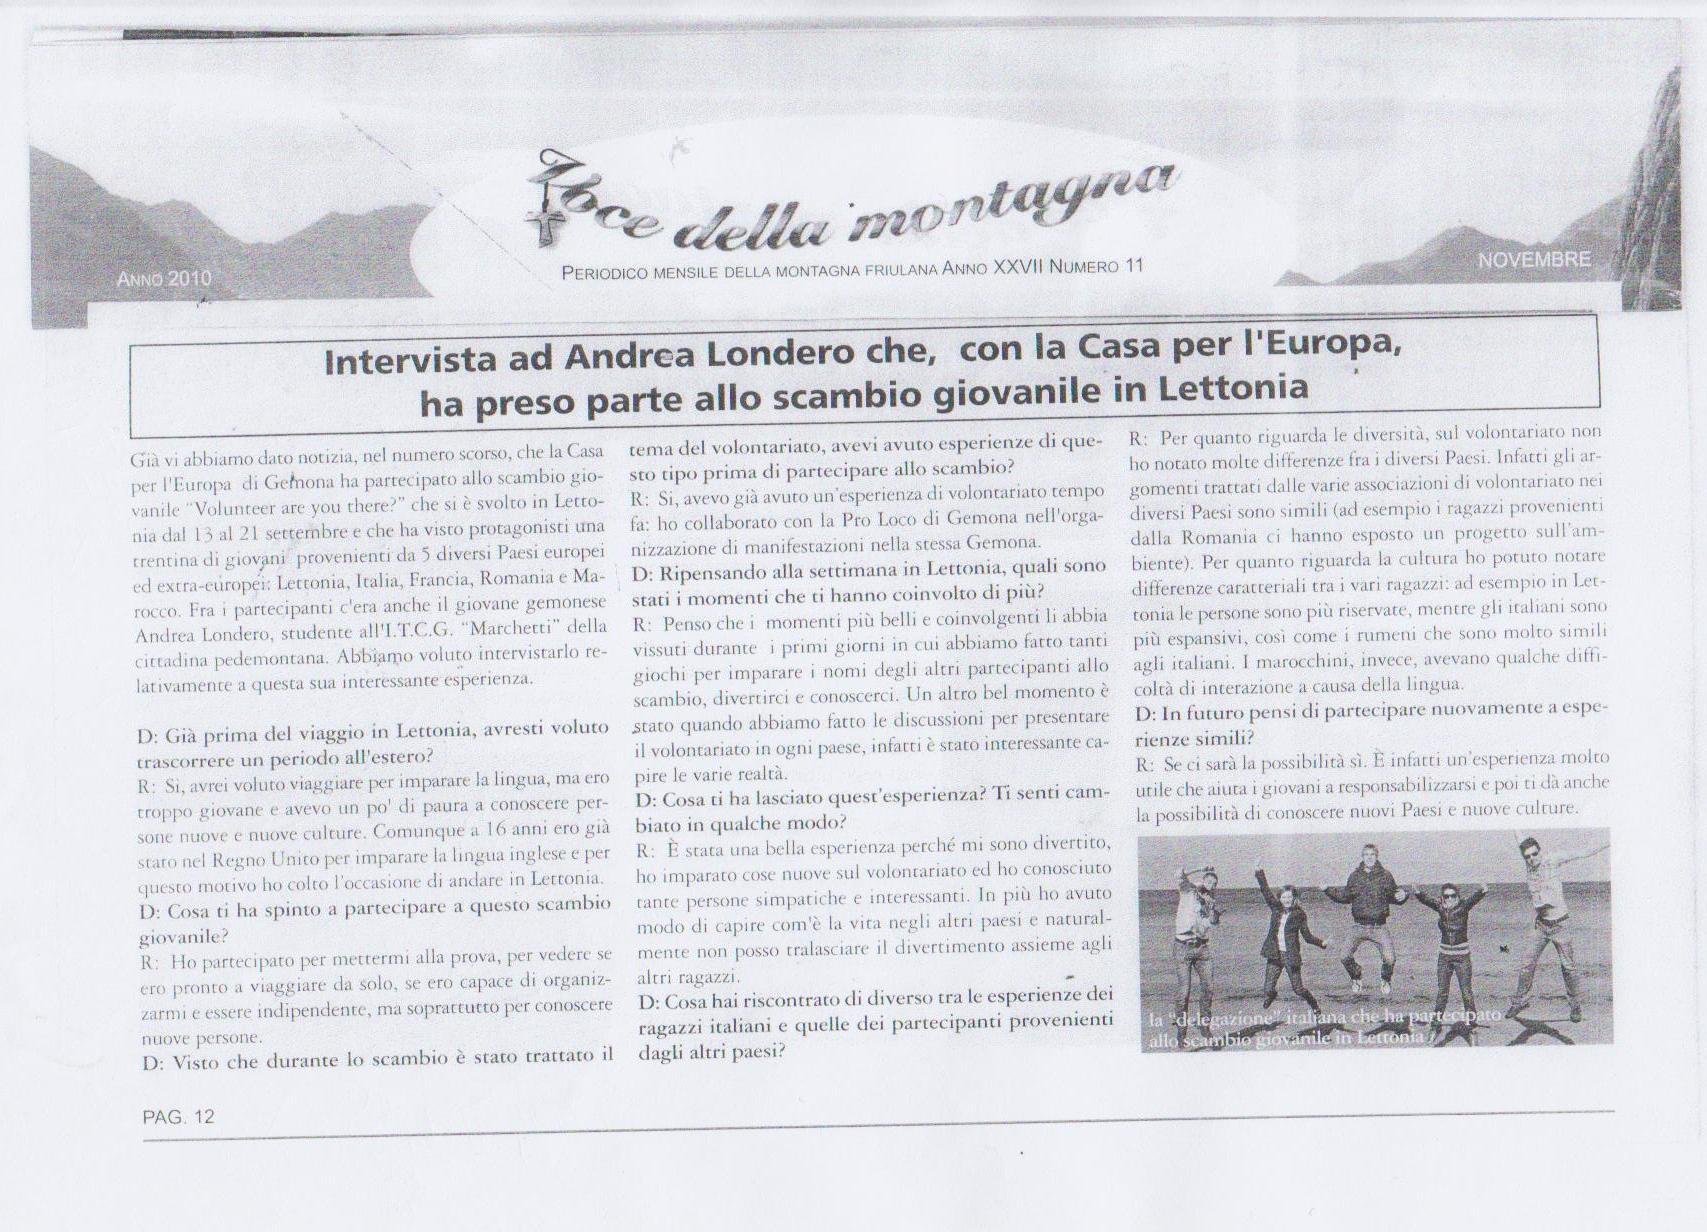 Intervista ad Andrea Londero - Novembre 2010